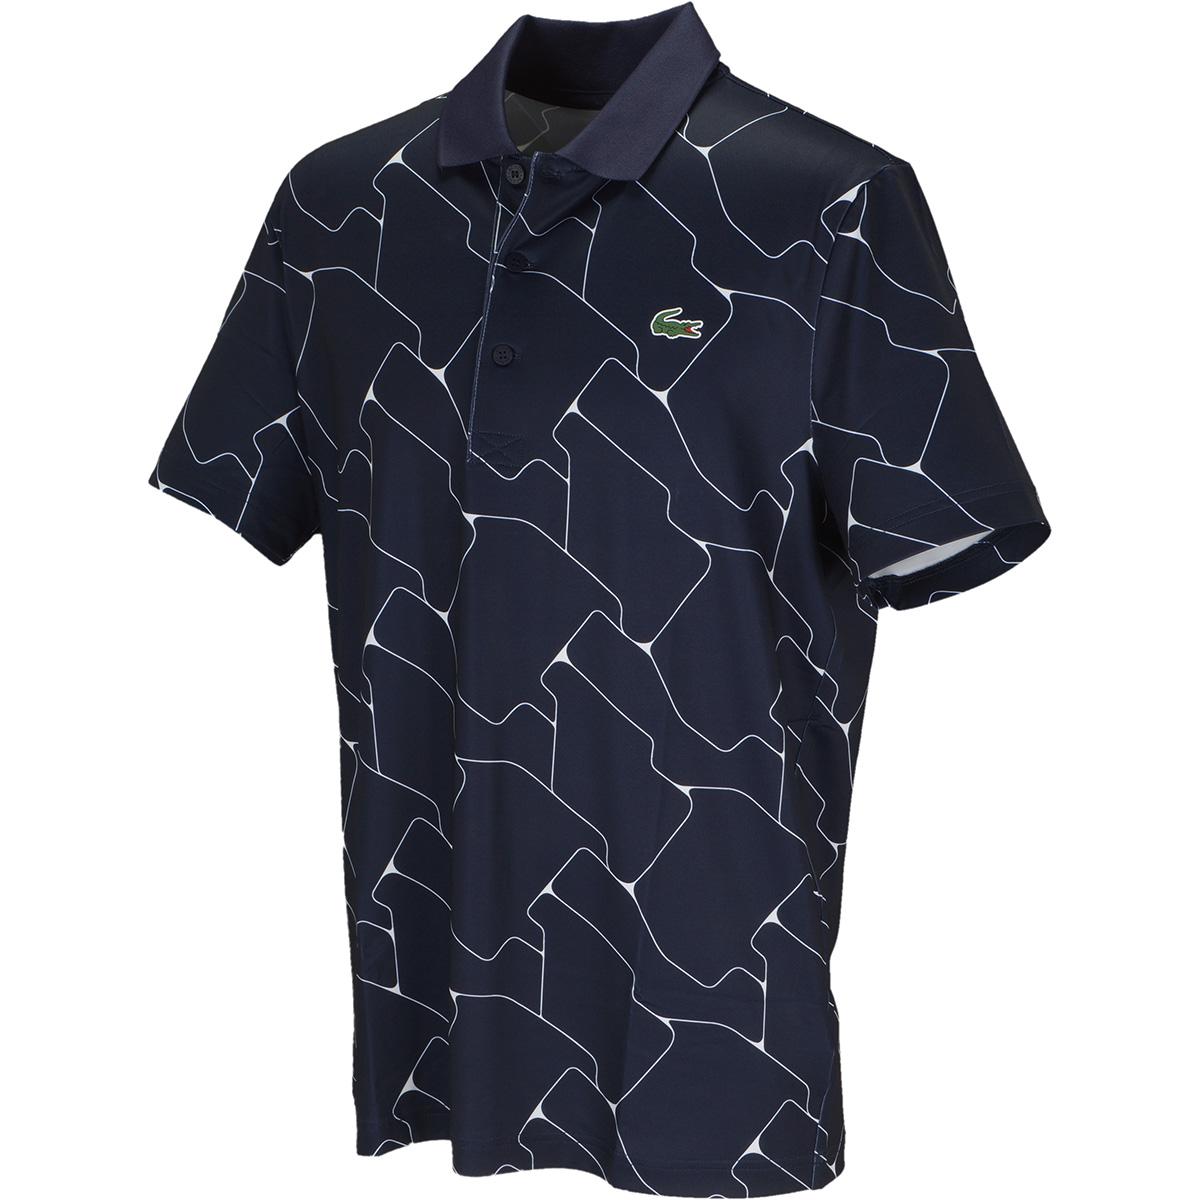 エクスクルーシブテキスタイル ゴルフ半袖ポロシャツ